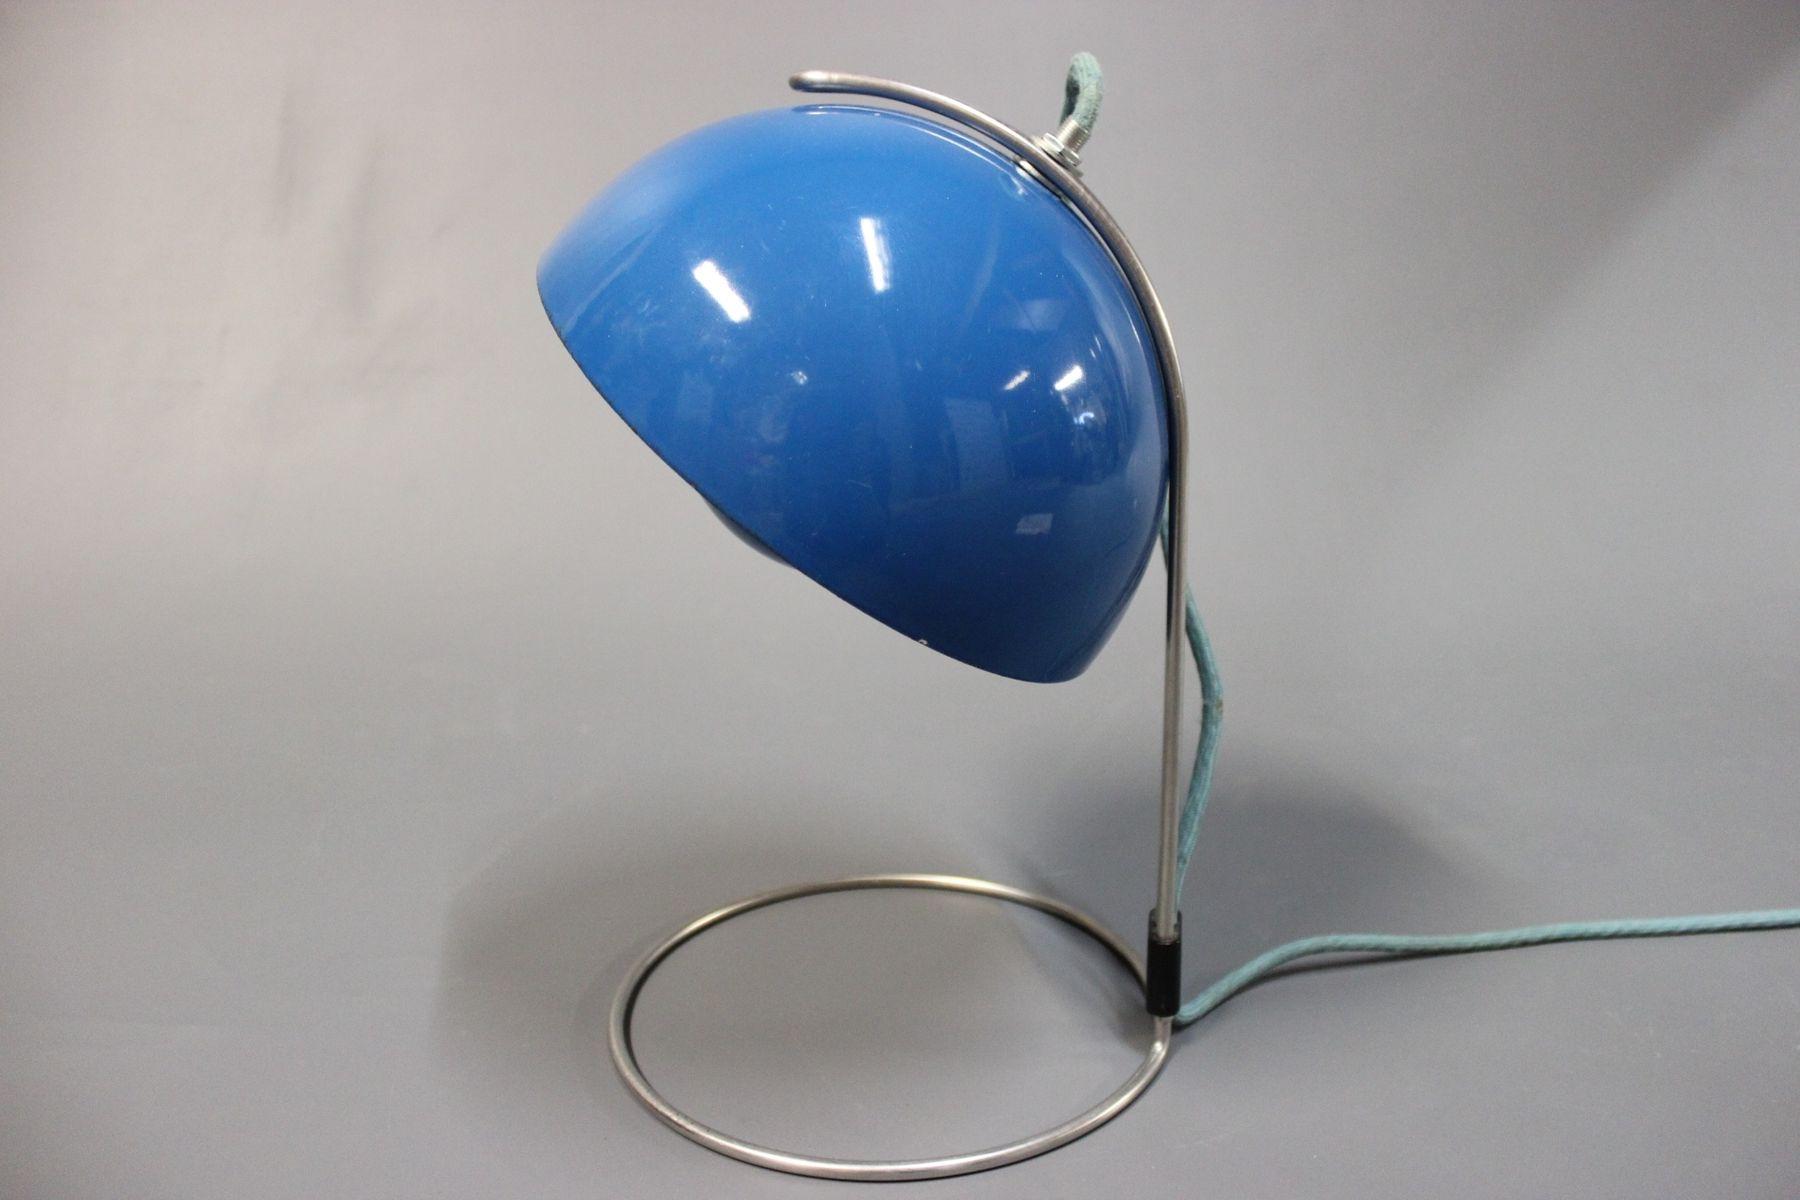 lampe de bureau flowerpot originale par verner panton 1973 en vente sur pamono. Black Bedroom Furniture Sets. Home Design Ideas